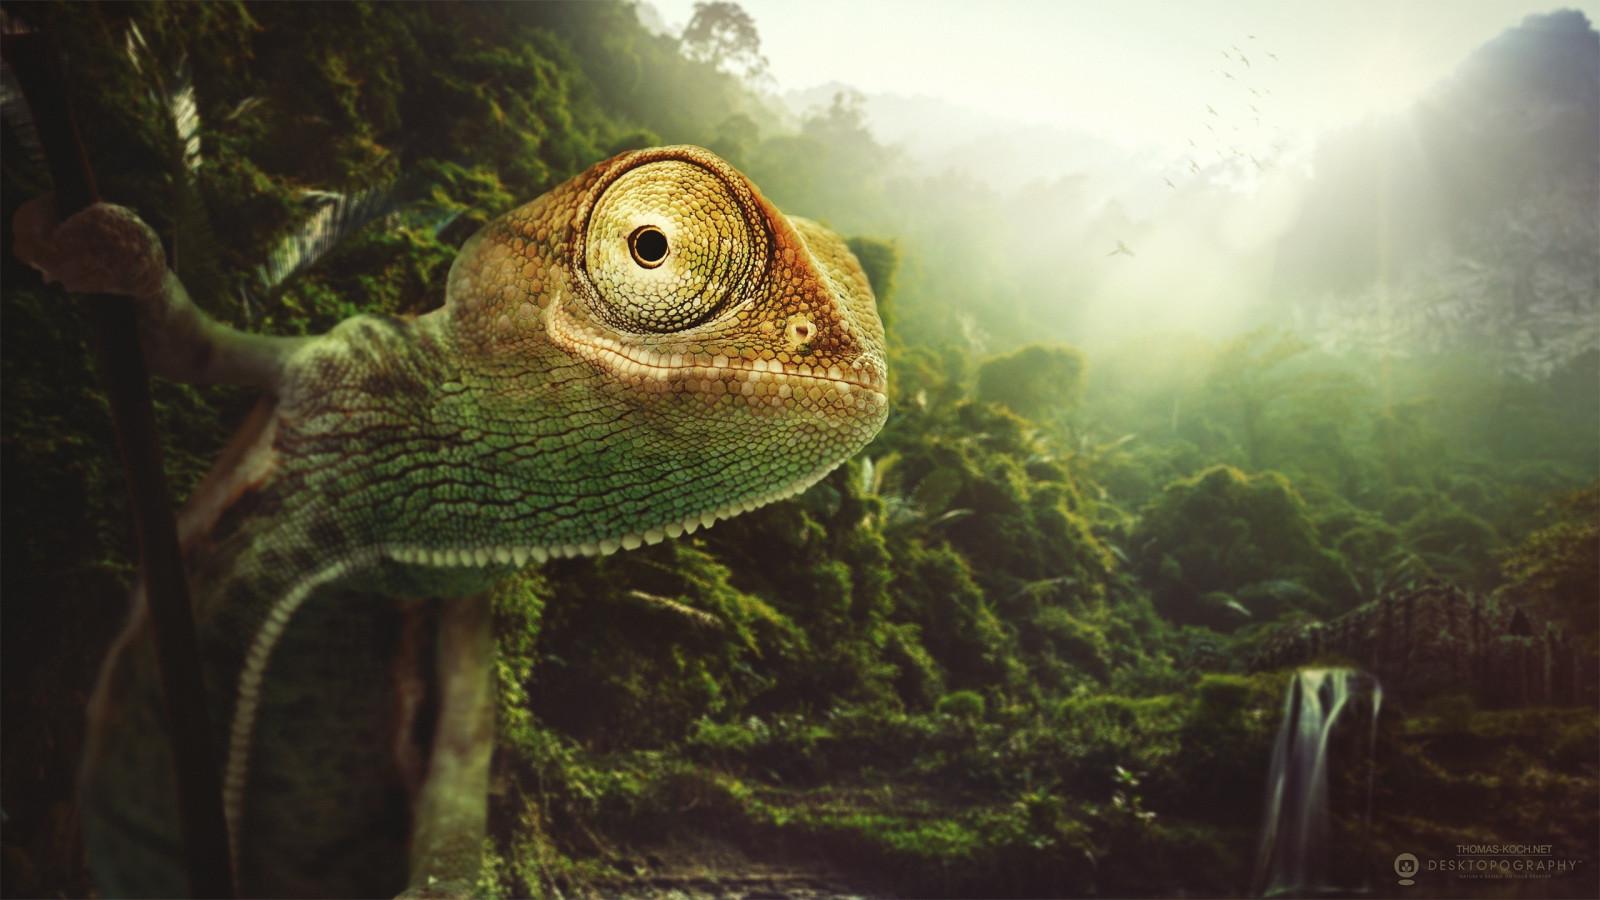 chameleon wallpaper 1920x1200 - photo #4